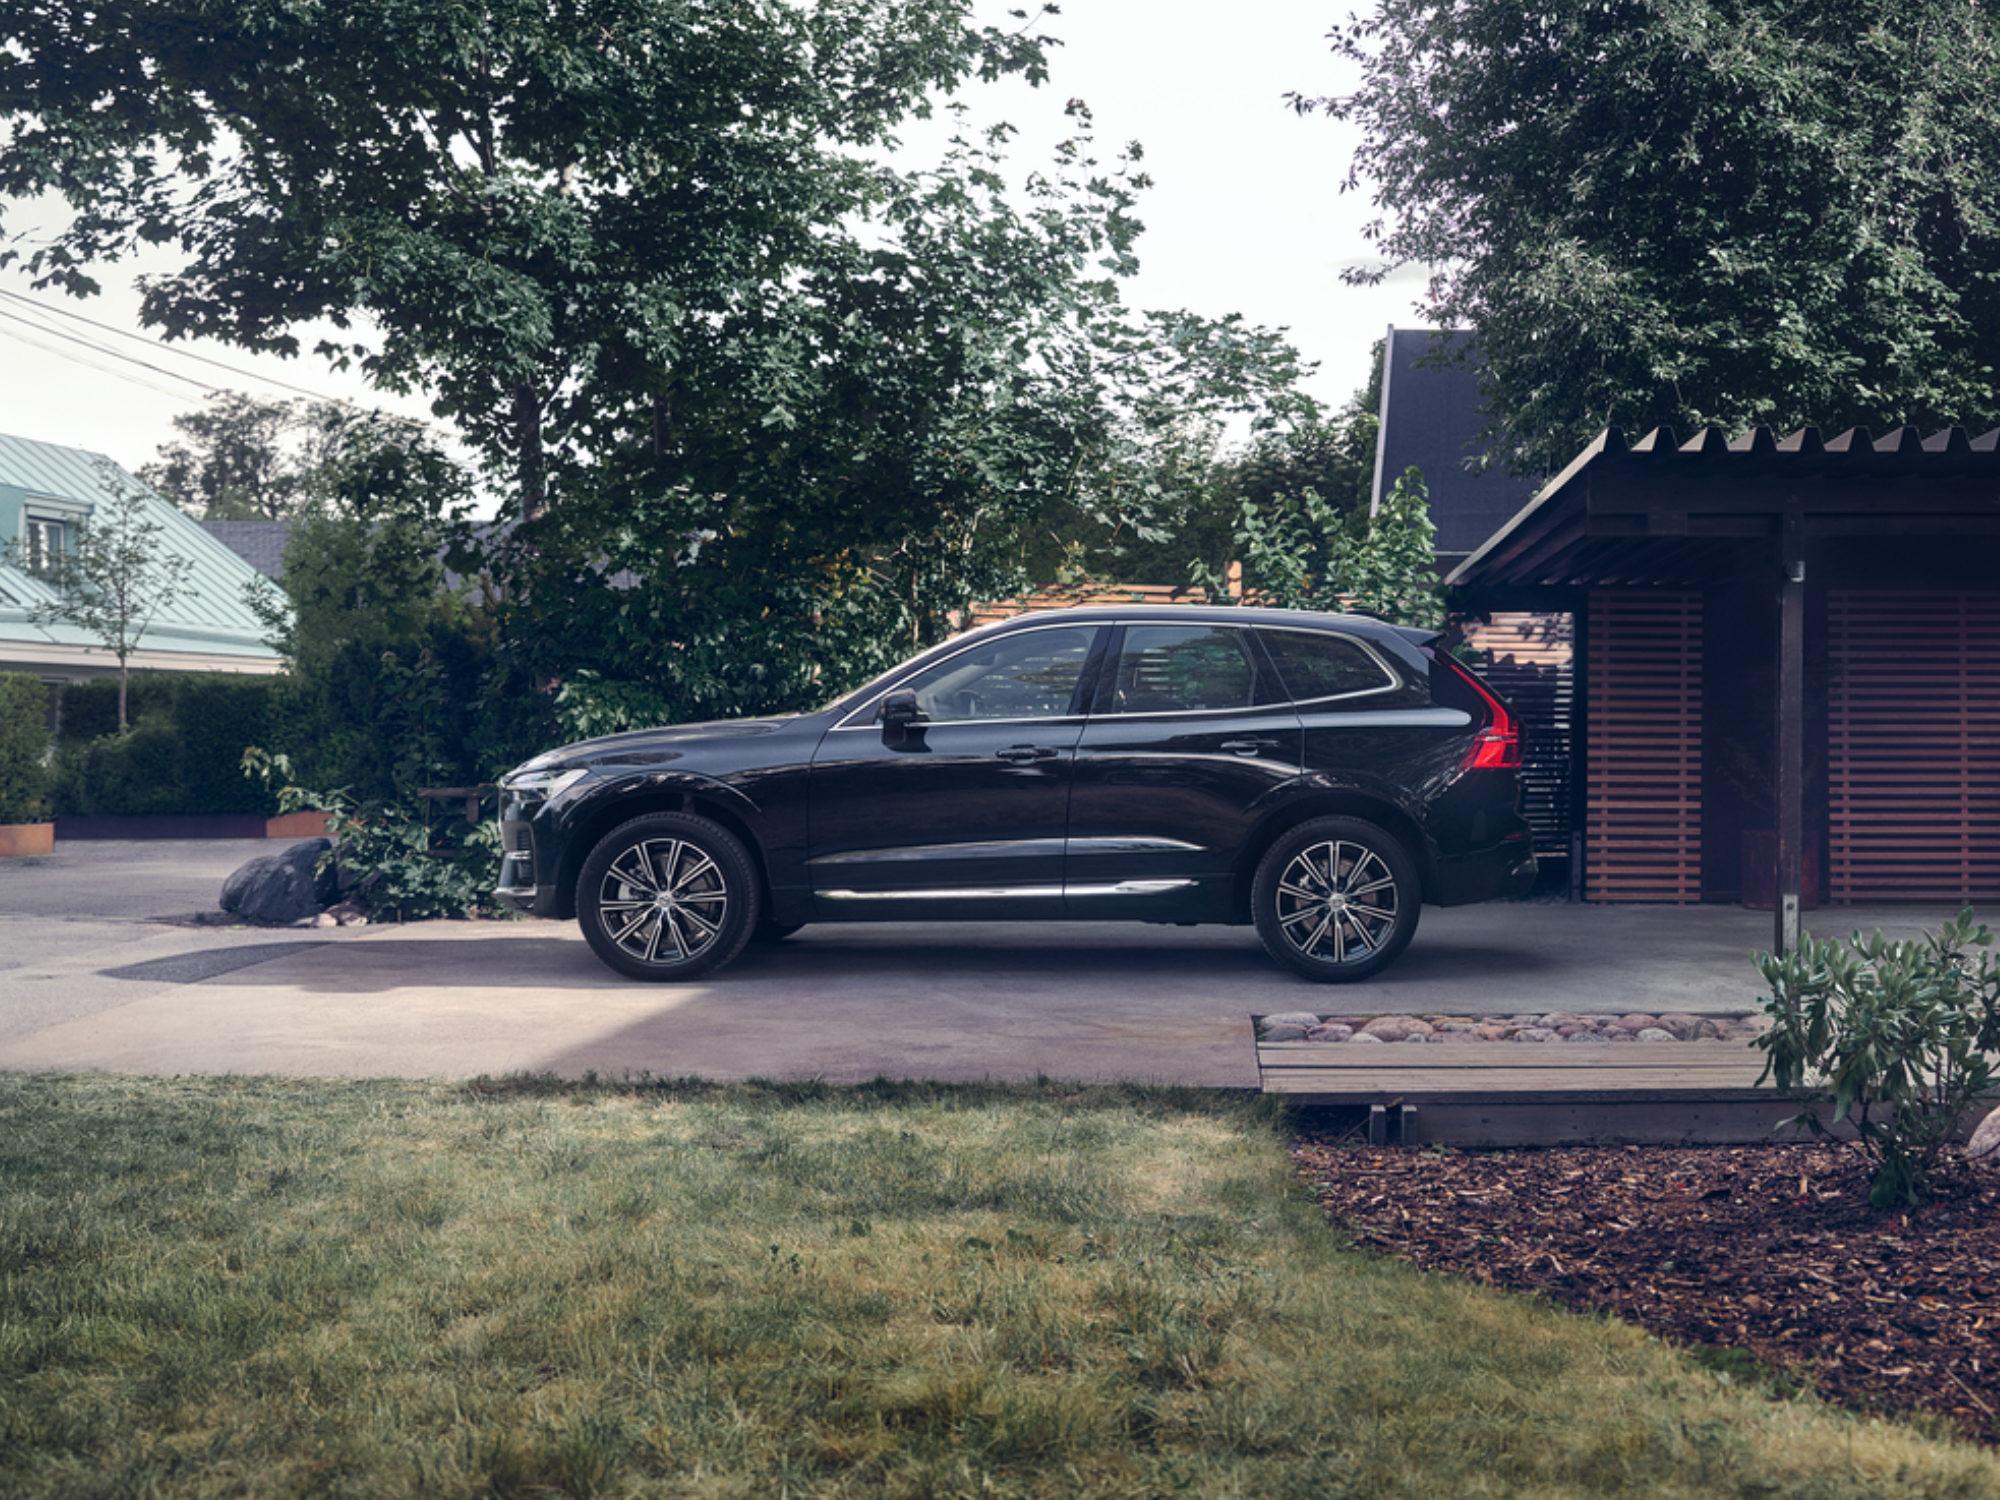 Volvo XC60 Mild Hybrid schuin op een oprit